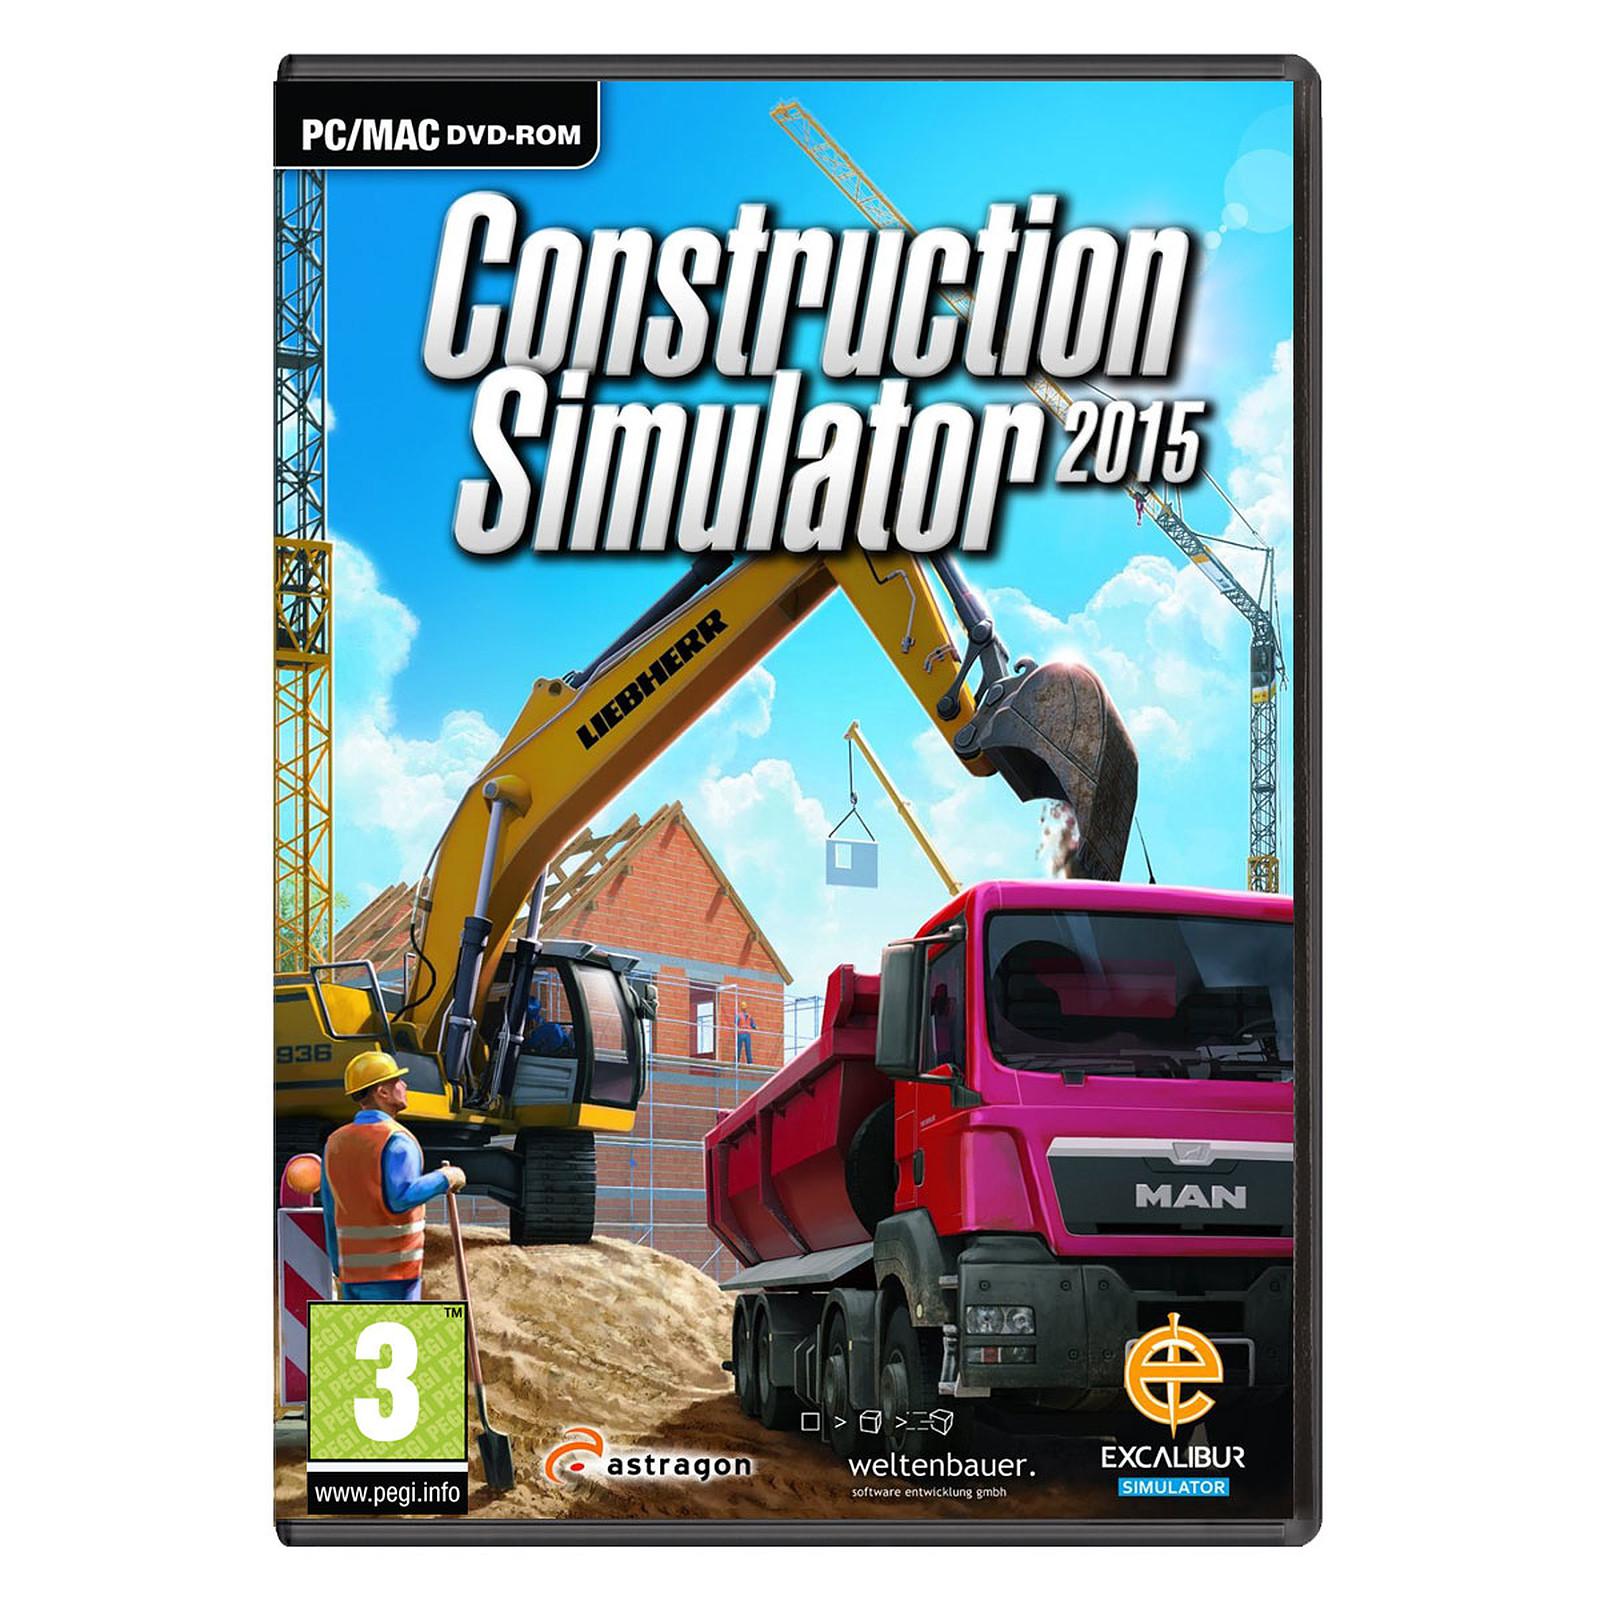 Construction Simulator 2015 (PC) - Jeux PC Astragon Software sur